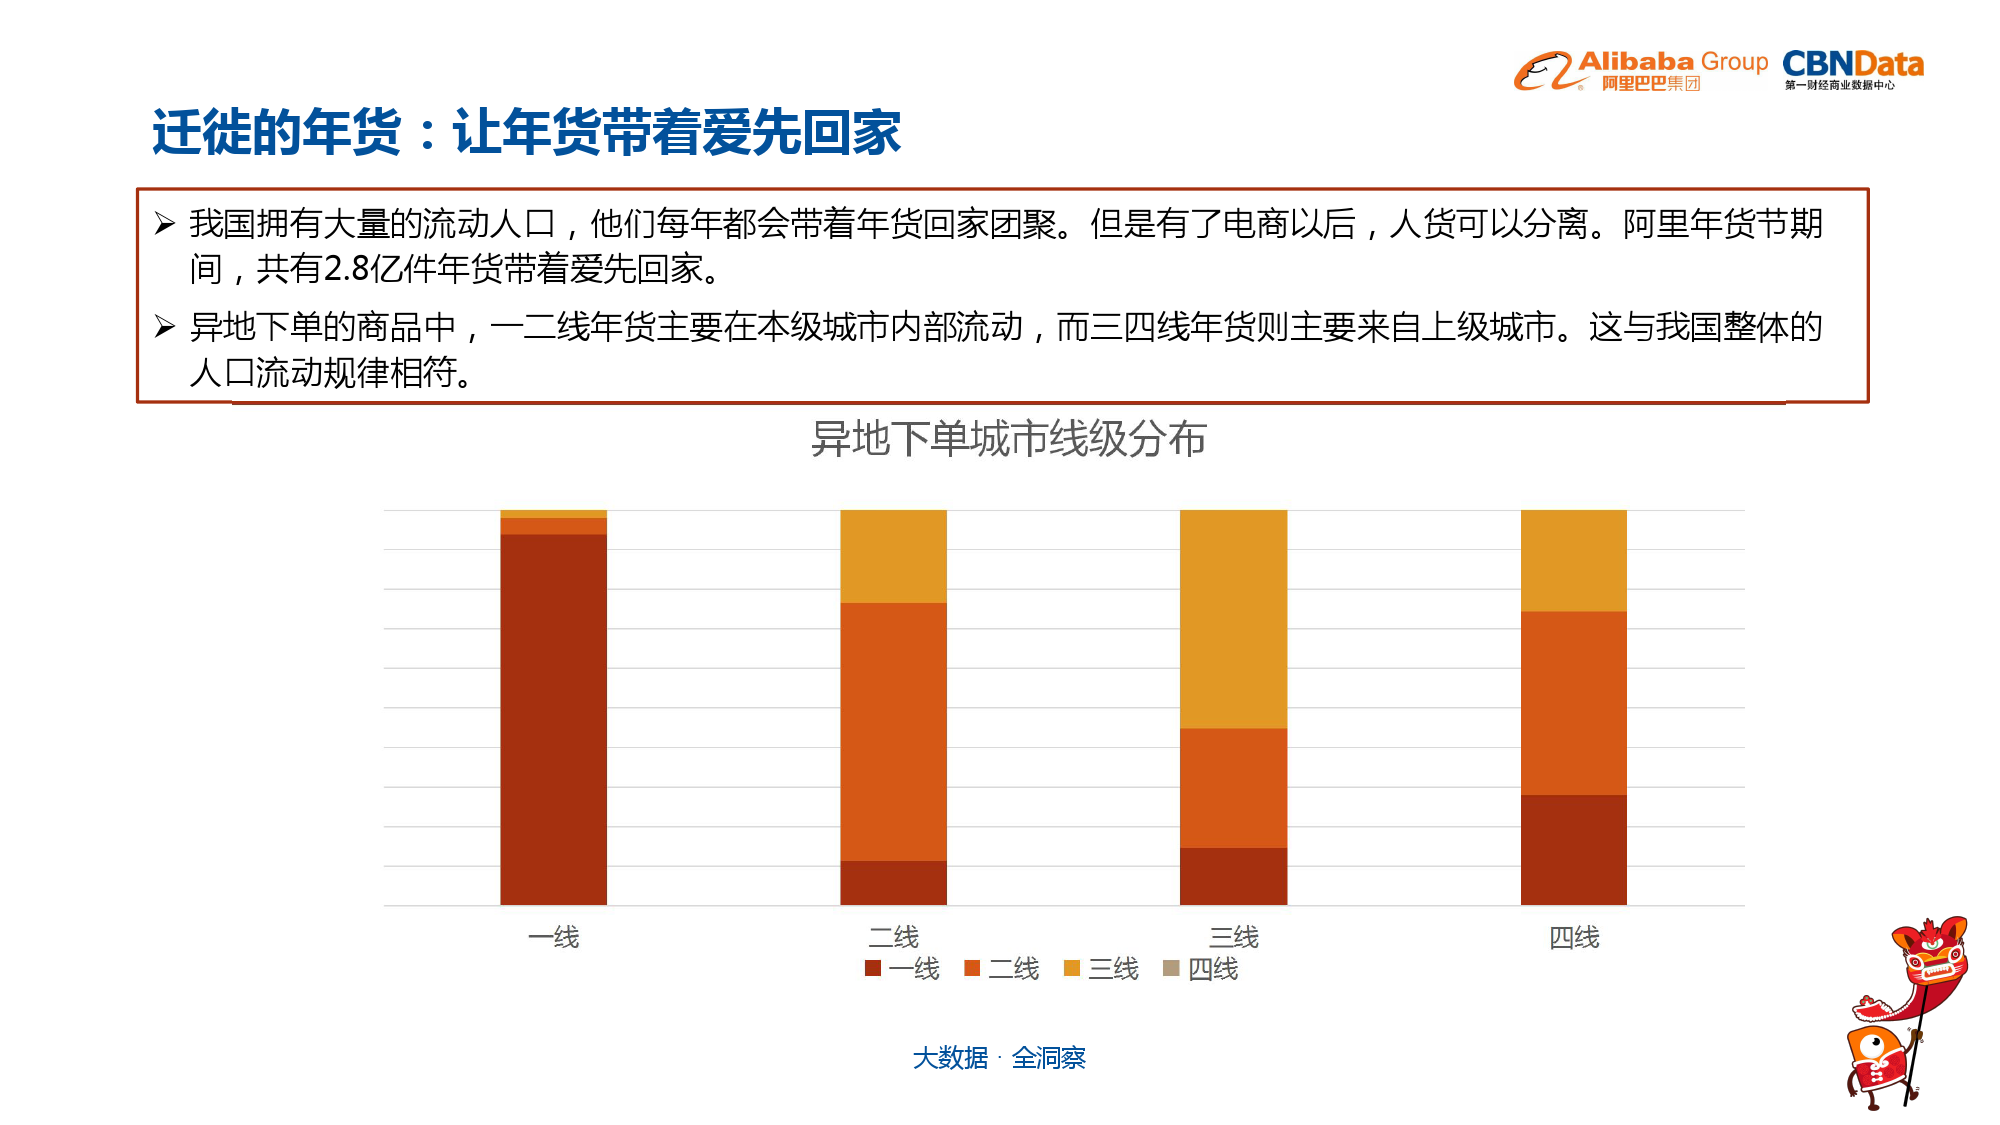 中国年货大数据报告_000031